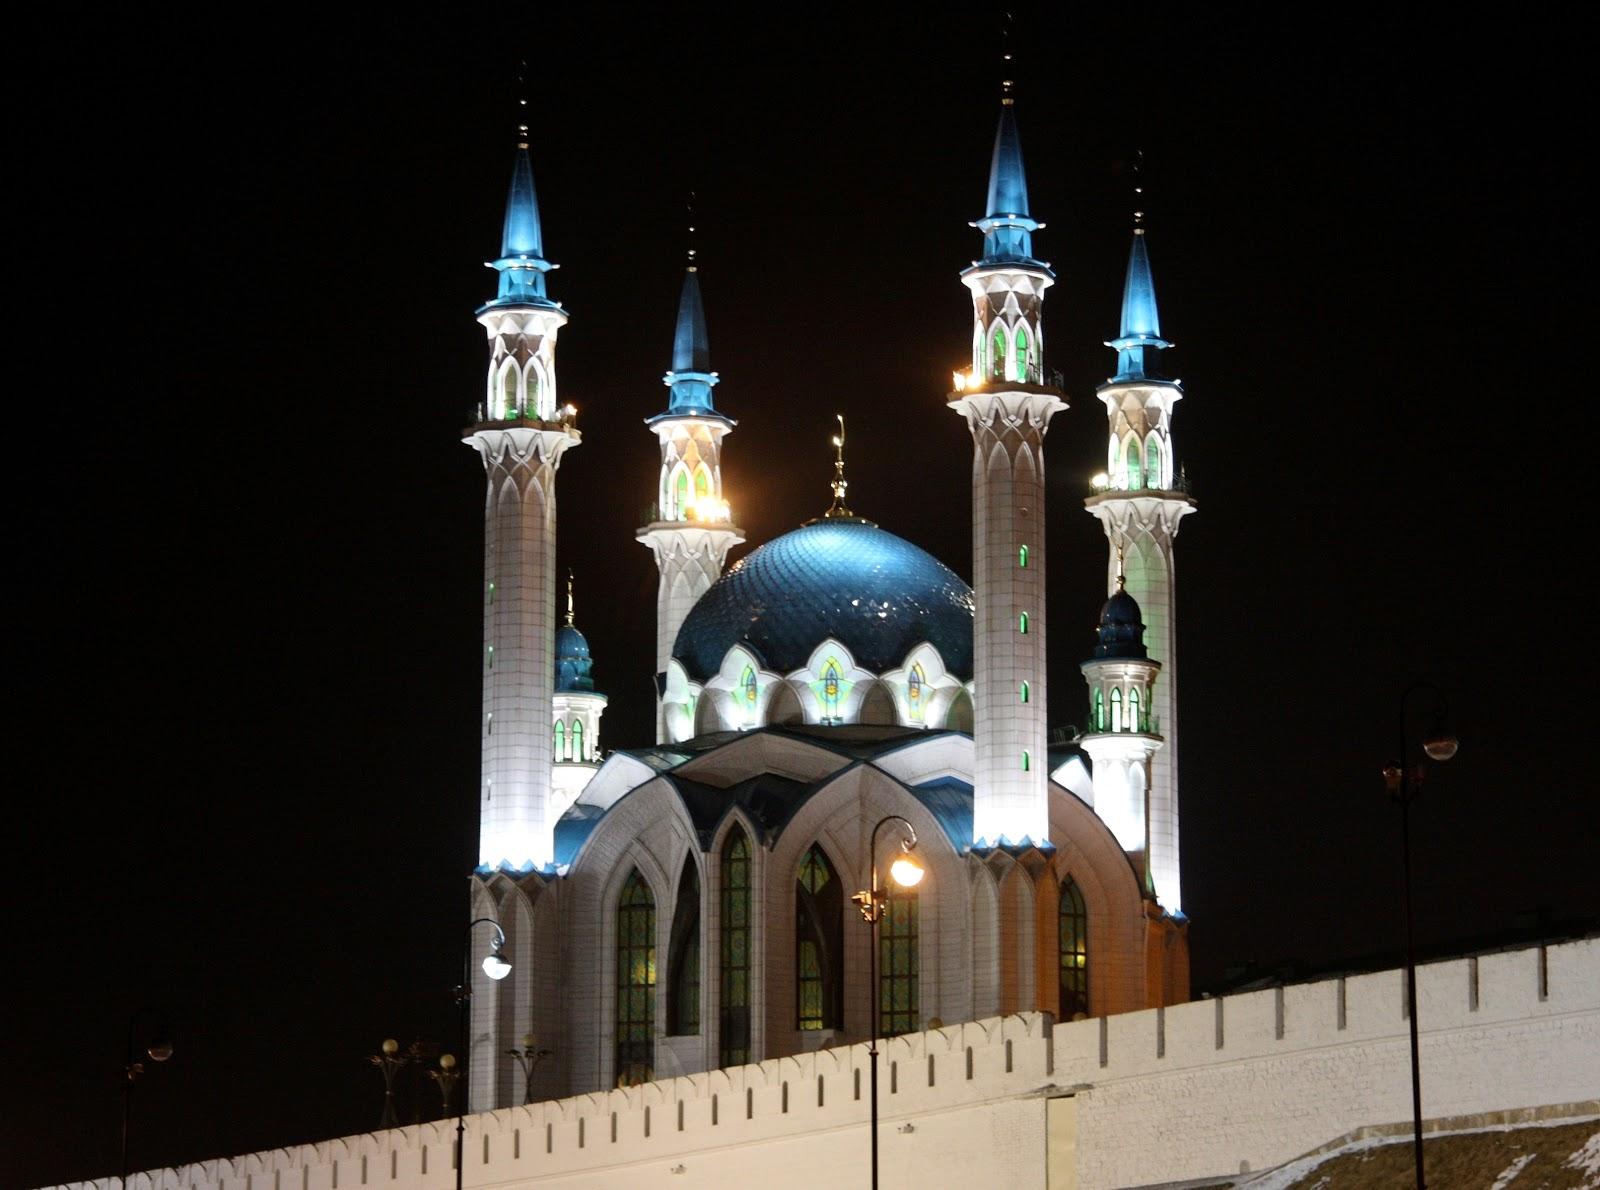 Мусульманские фото  красивые фотографии выставок